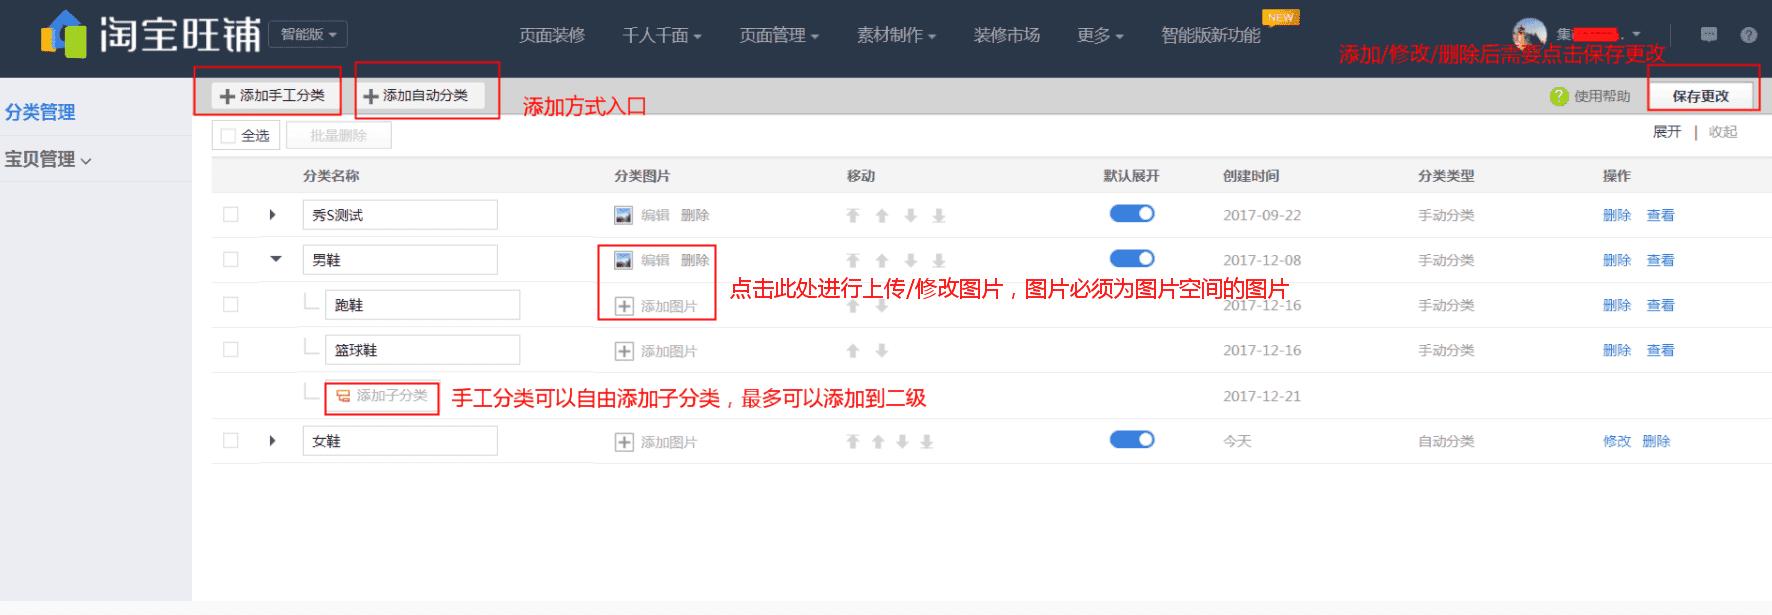 淘宝宝贝分类网图.png